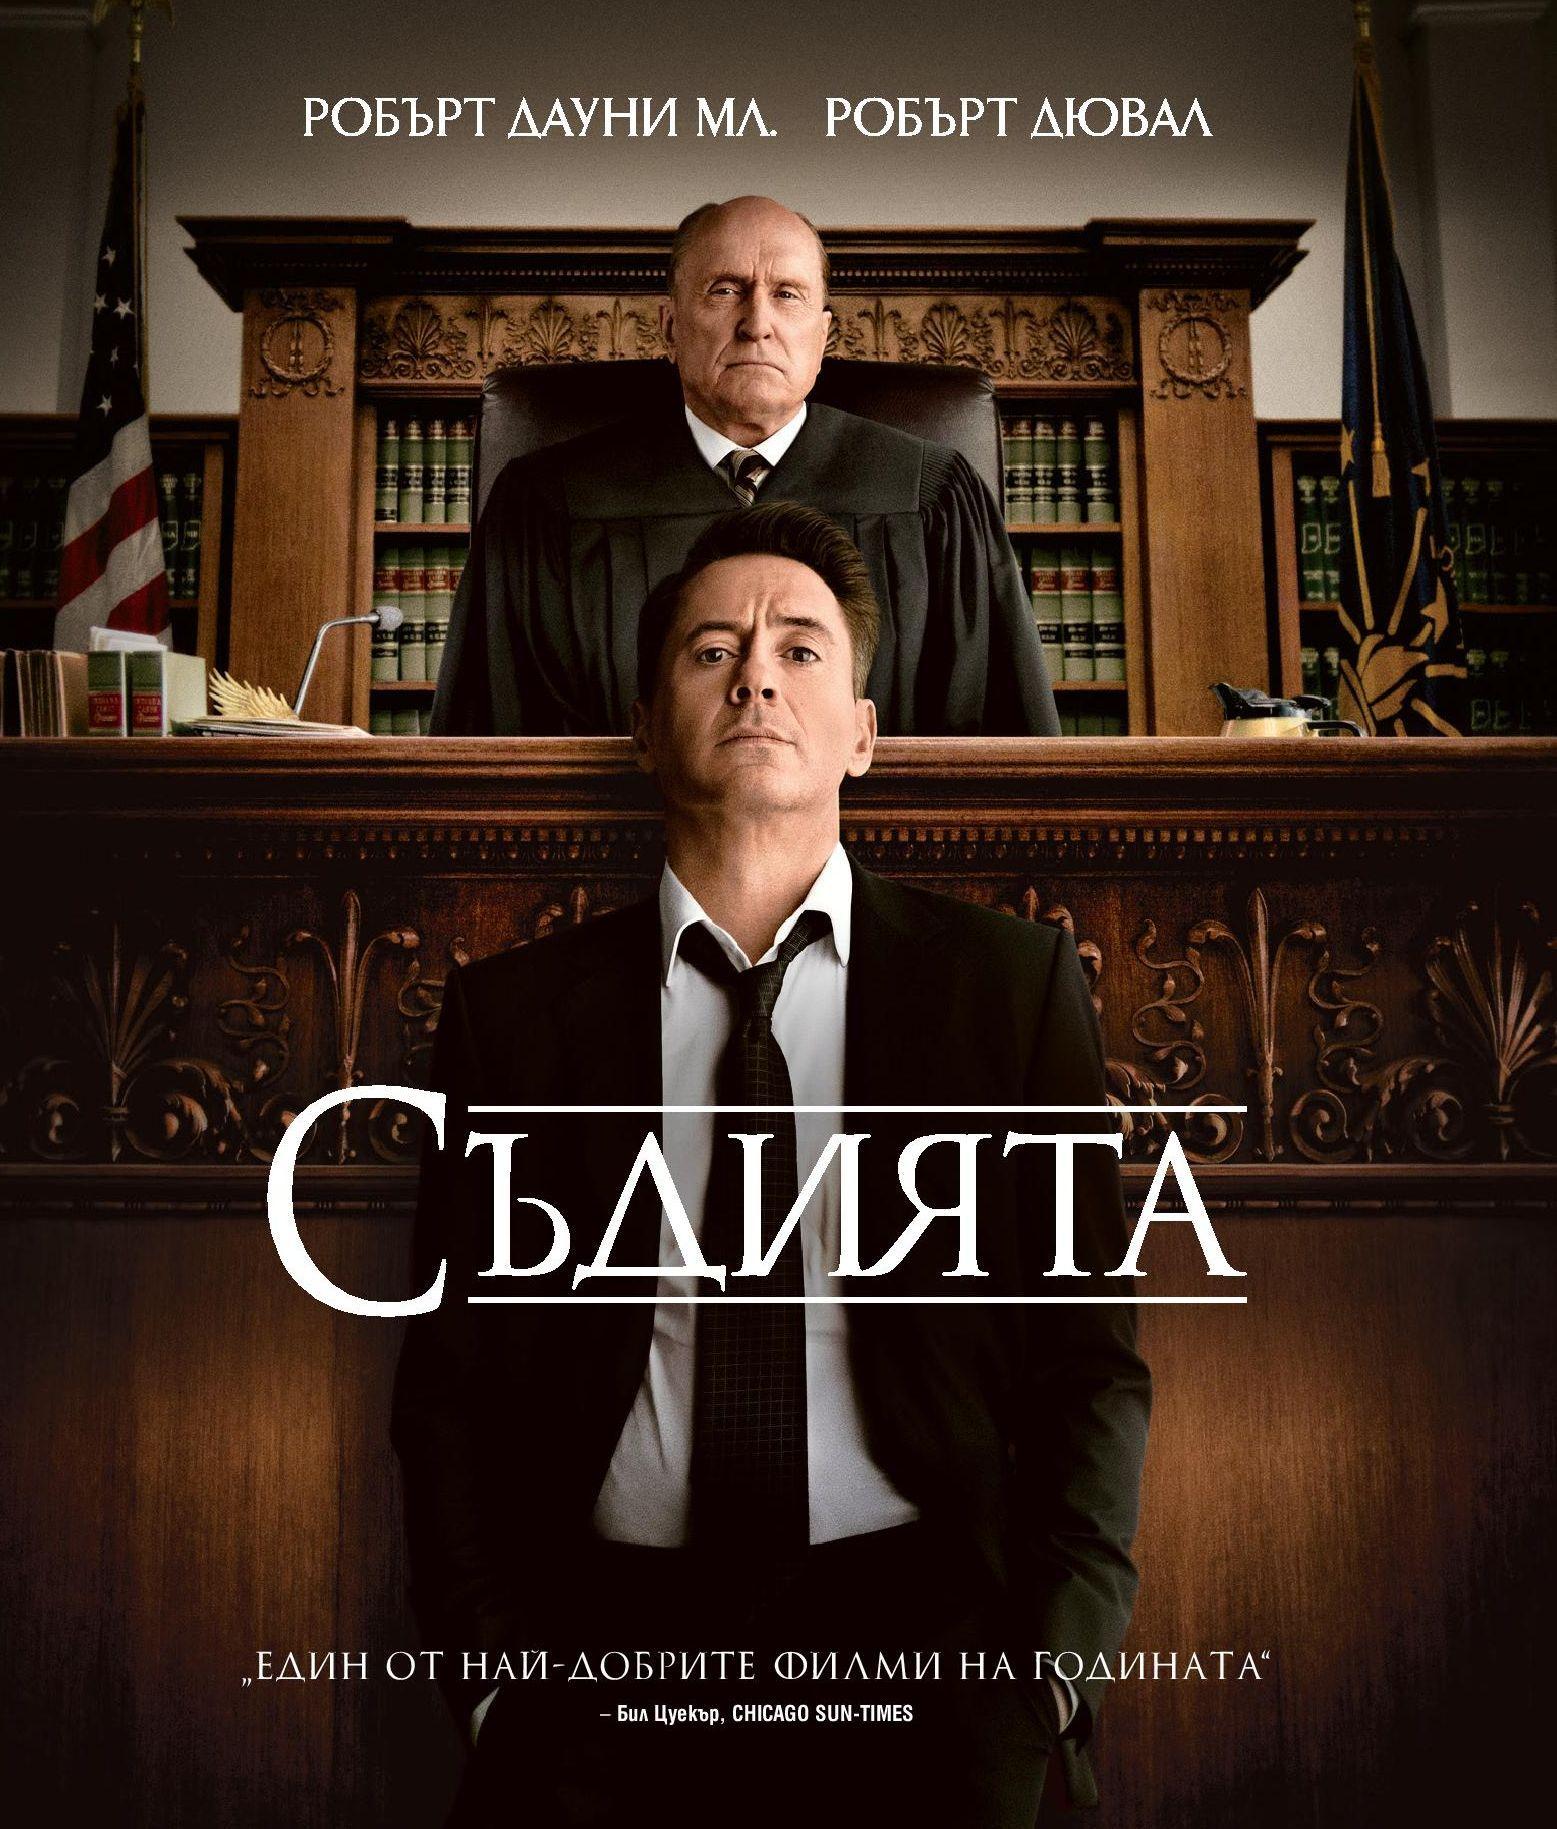 Съдията (Blu-Ray) - 1